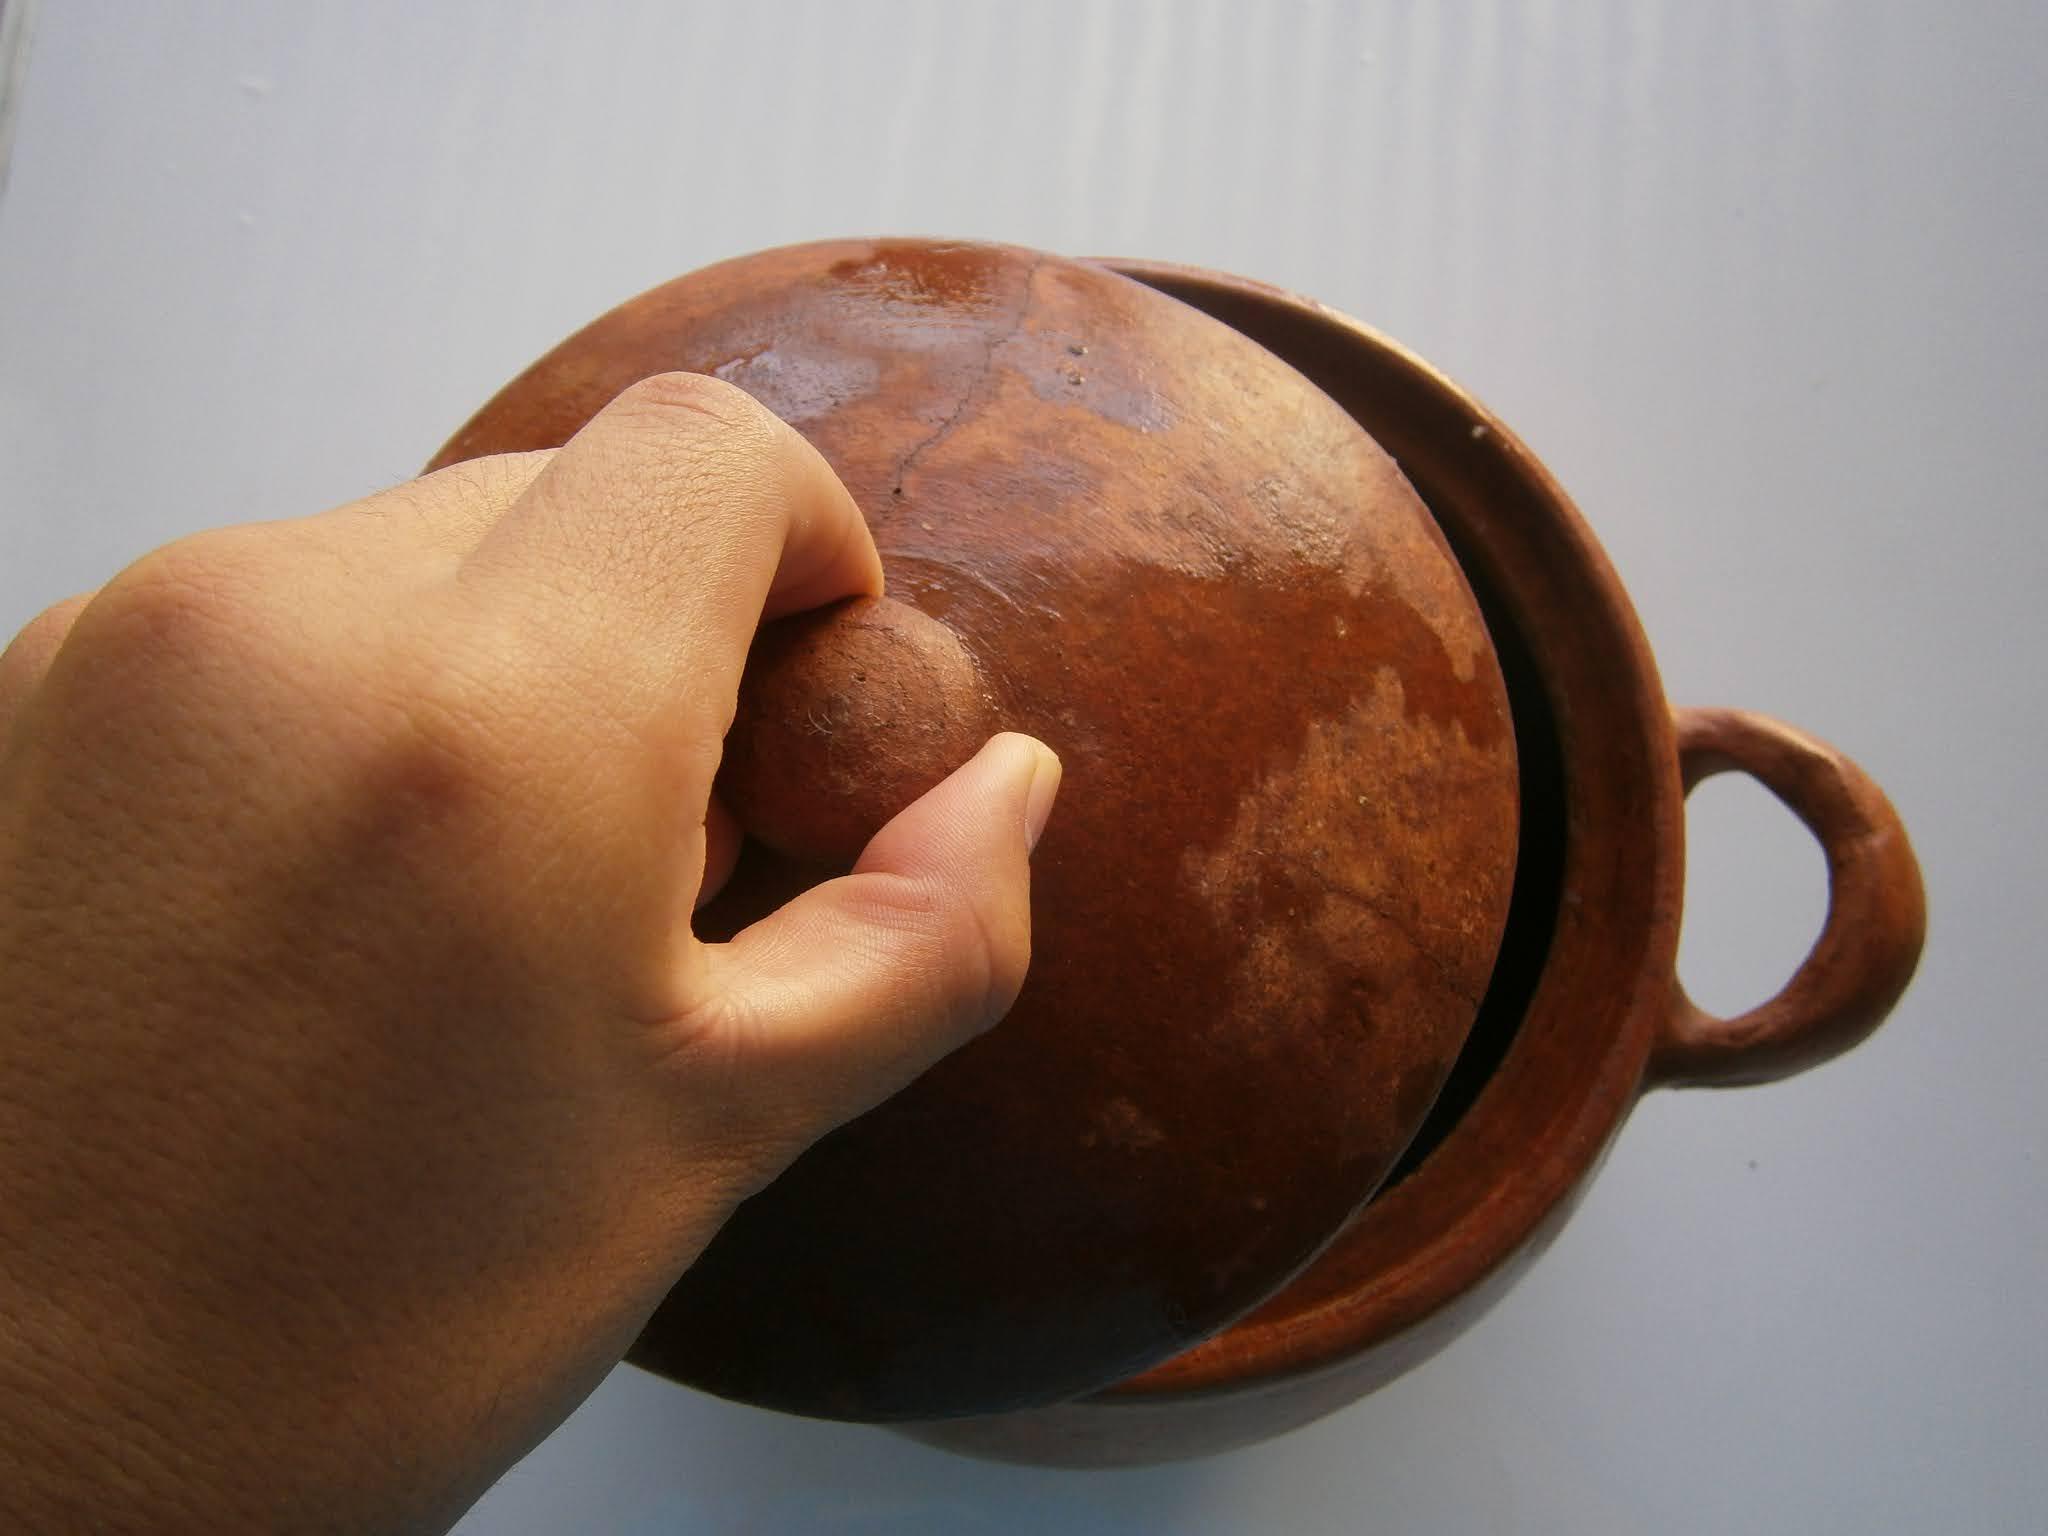 fotografía de Descripción de la fotografía. Olla de Barro usado en cocina de las ciudades de la sierra en Perú. Olla de barro de color croma que es usada para cocinar y se les llama olla de barro.